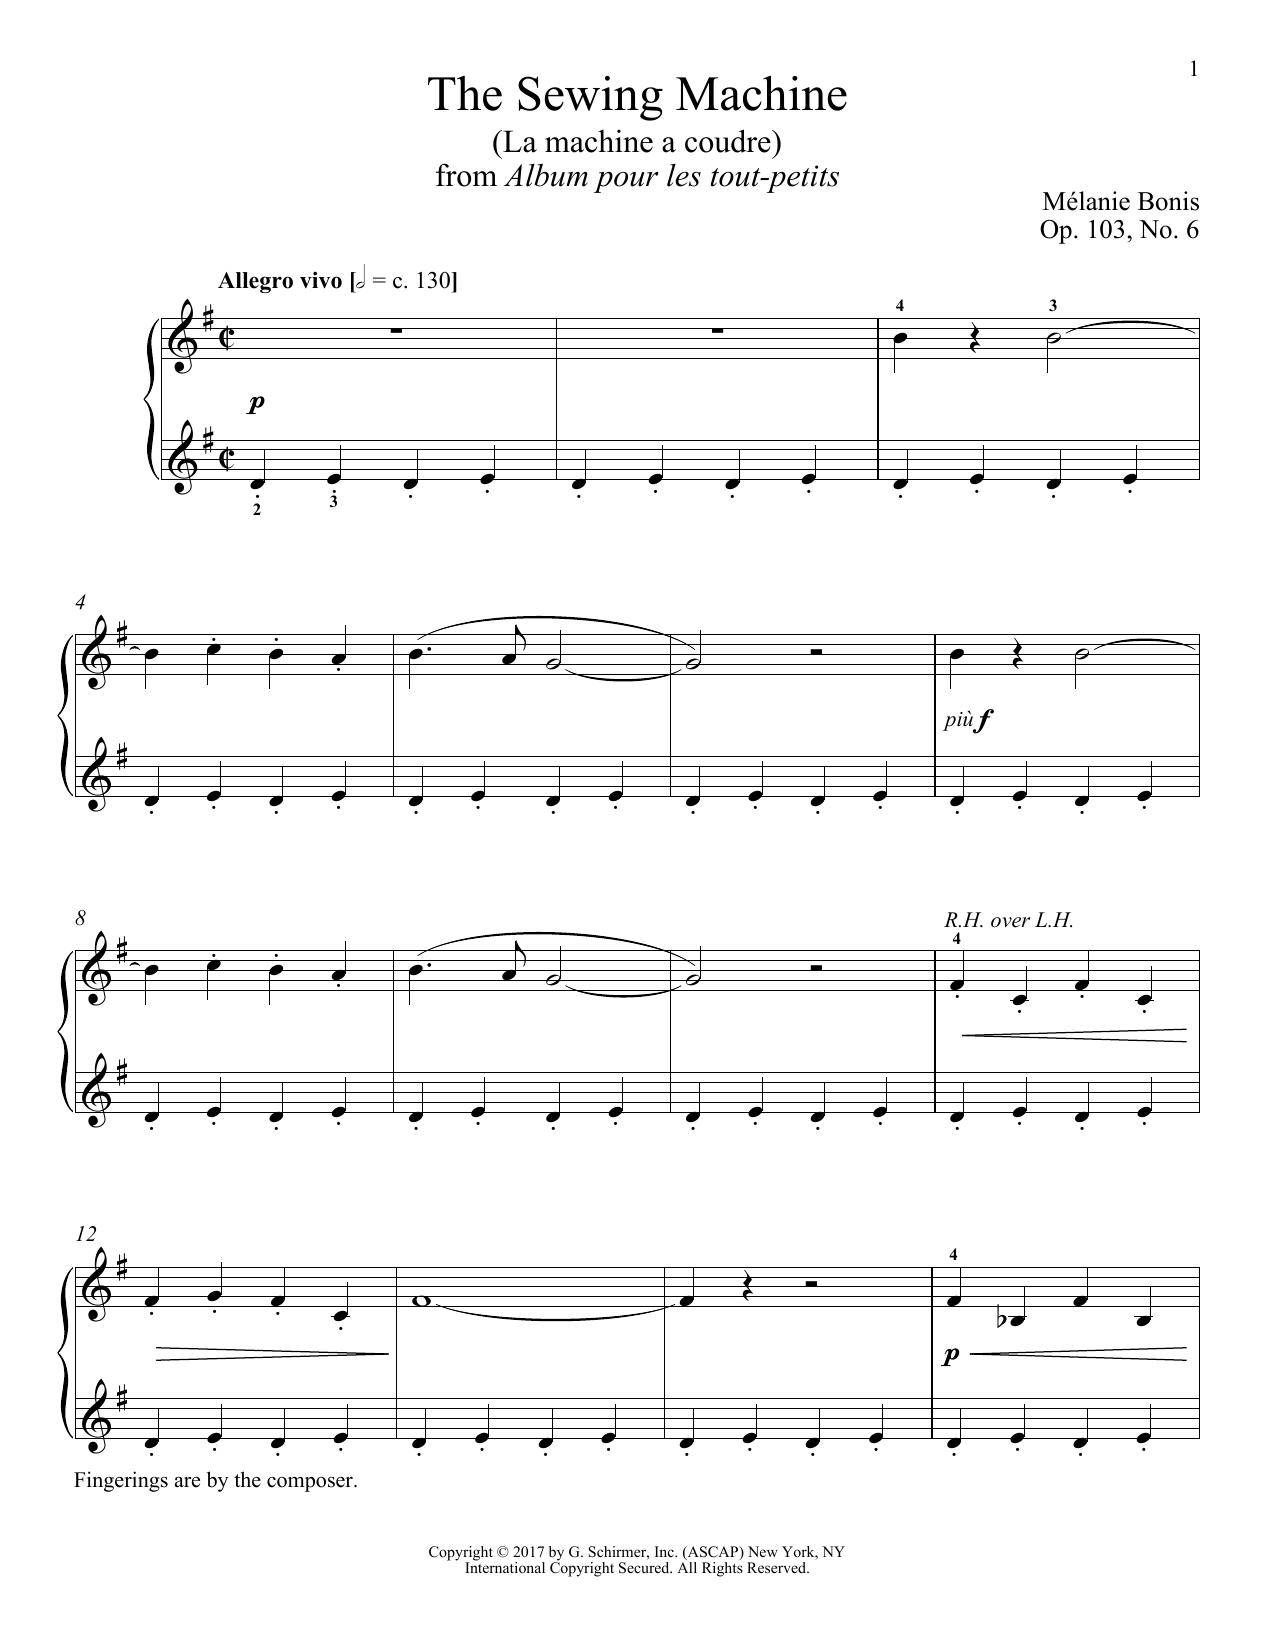 The Sewing Machine (La machine a courde) (Piano Solo)